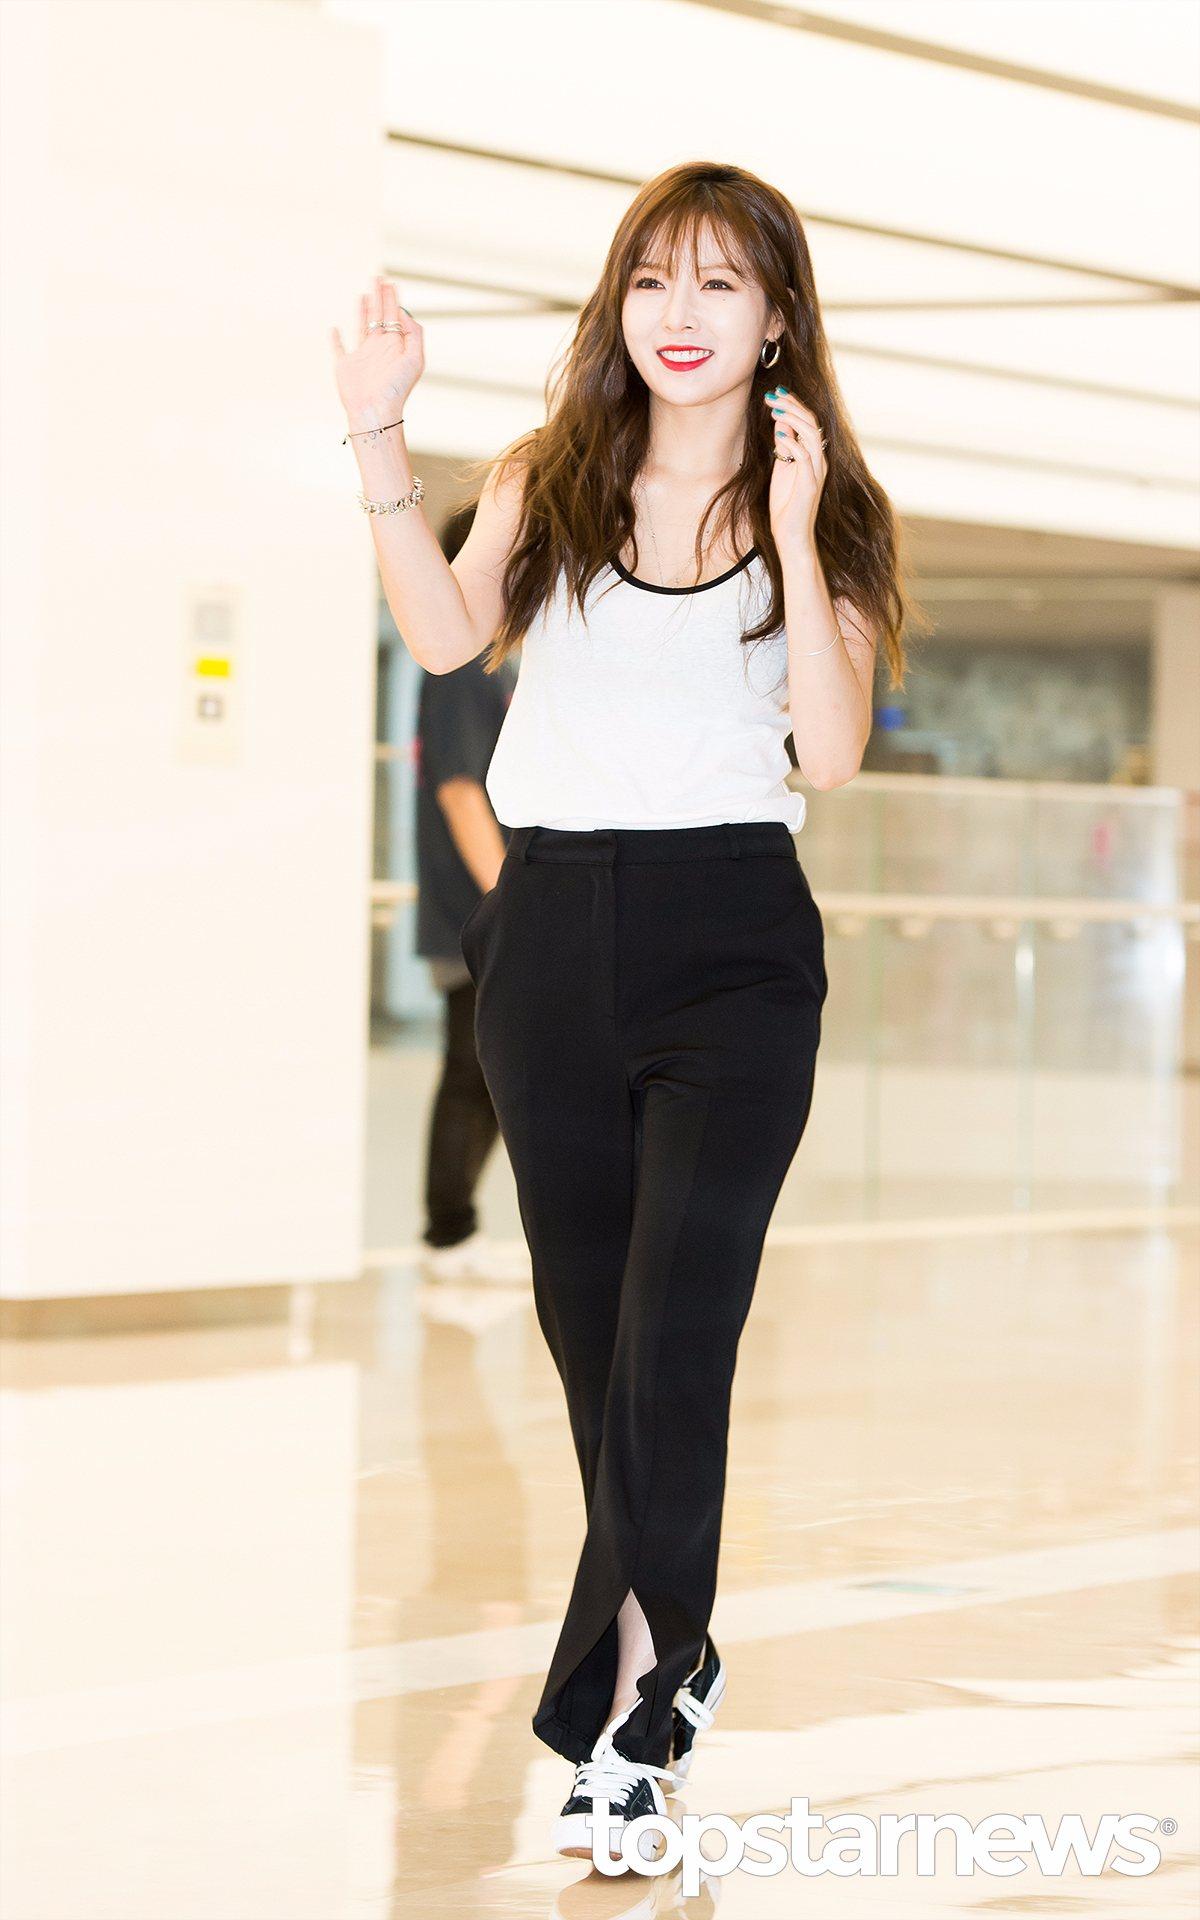 【高腰褲】 褲腰在肚臍上5cm位置的高腰長褲為最佳, 如果是再搭配和褲子同色系的鞋的話,可以讓腿看起來更長!